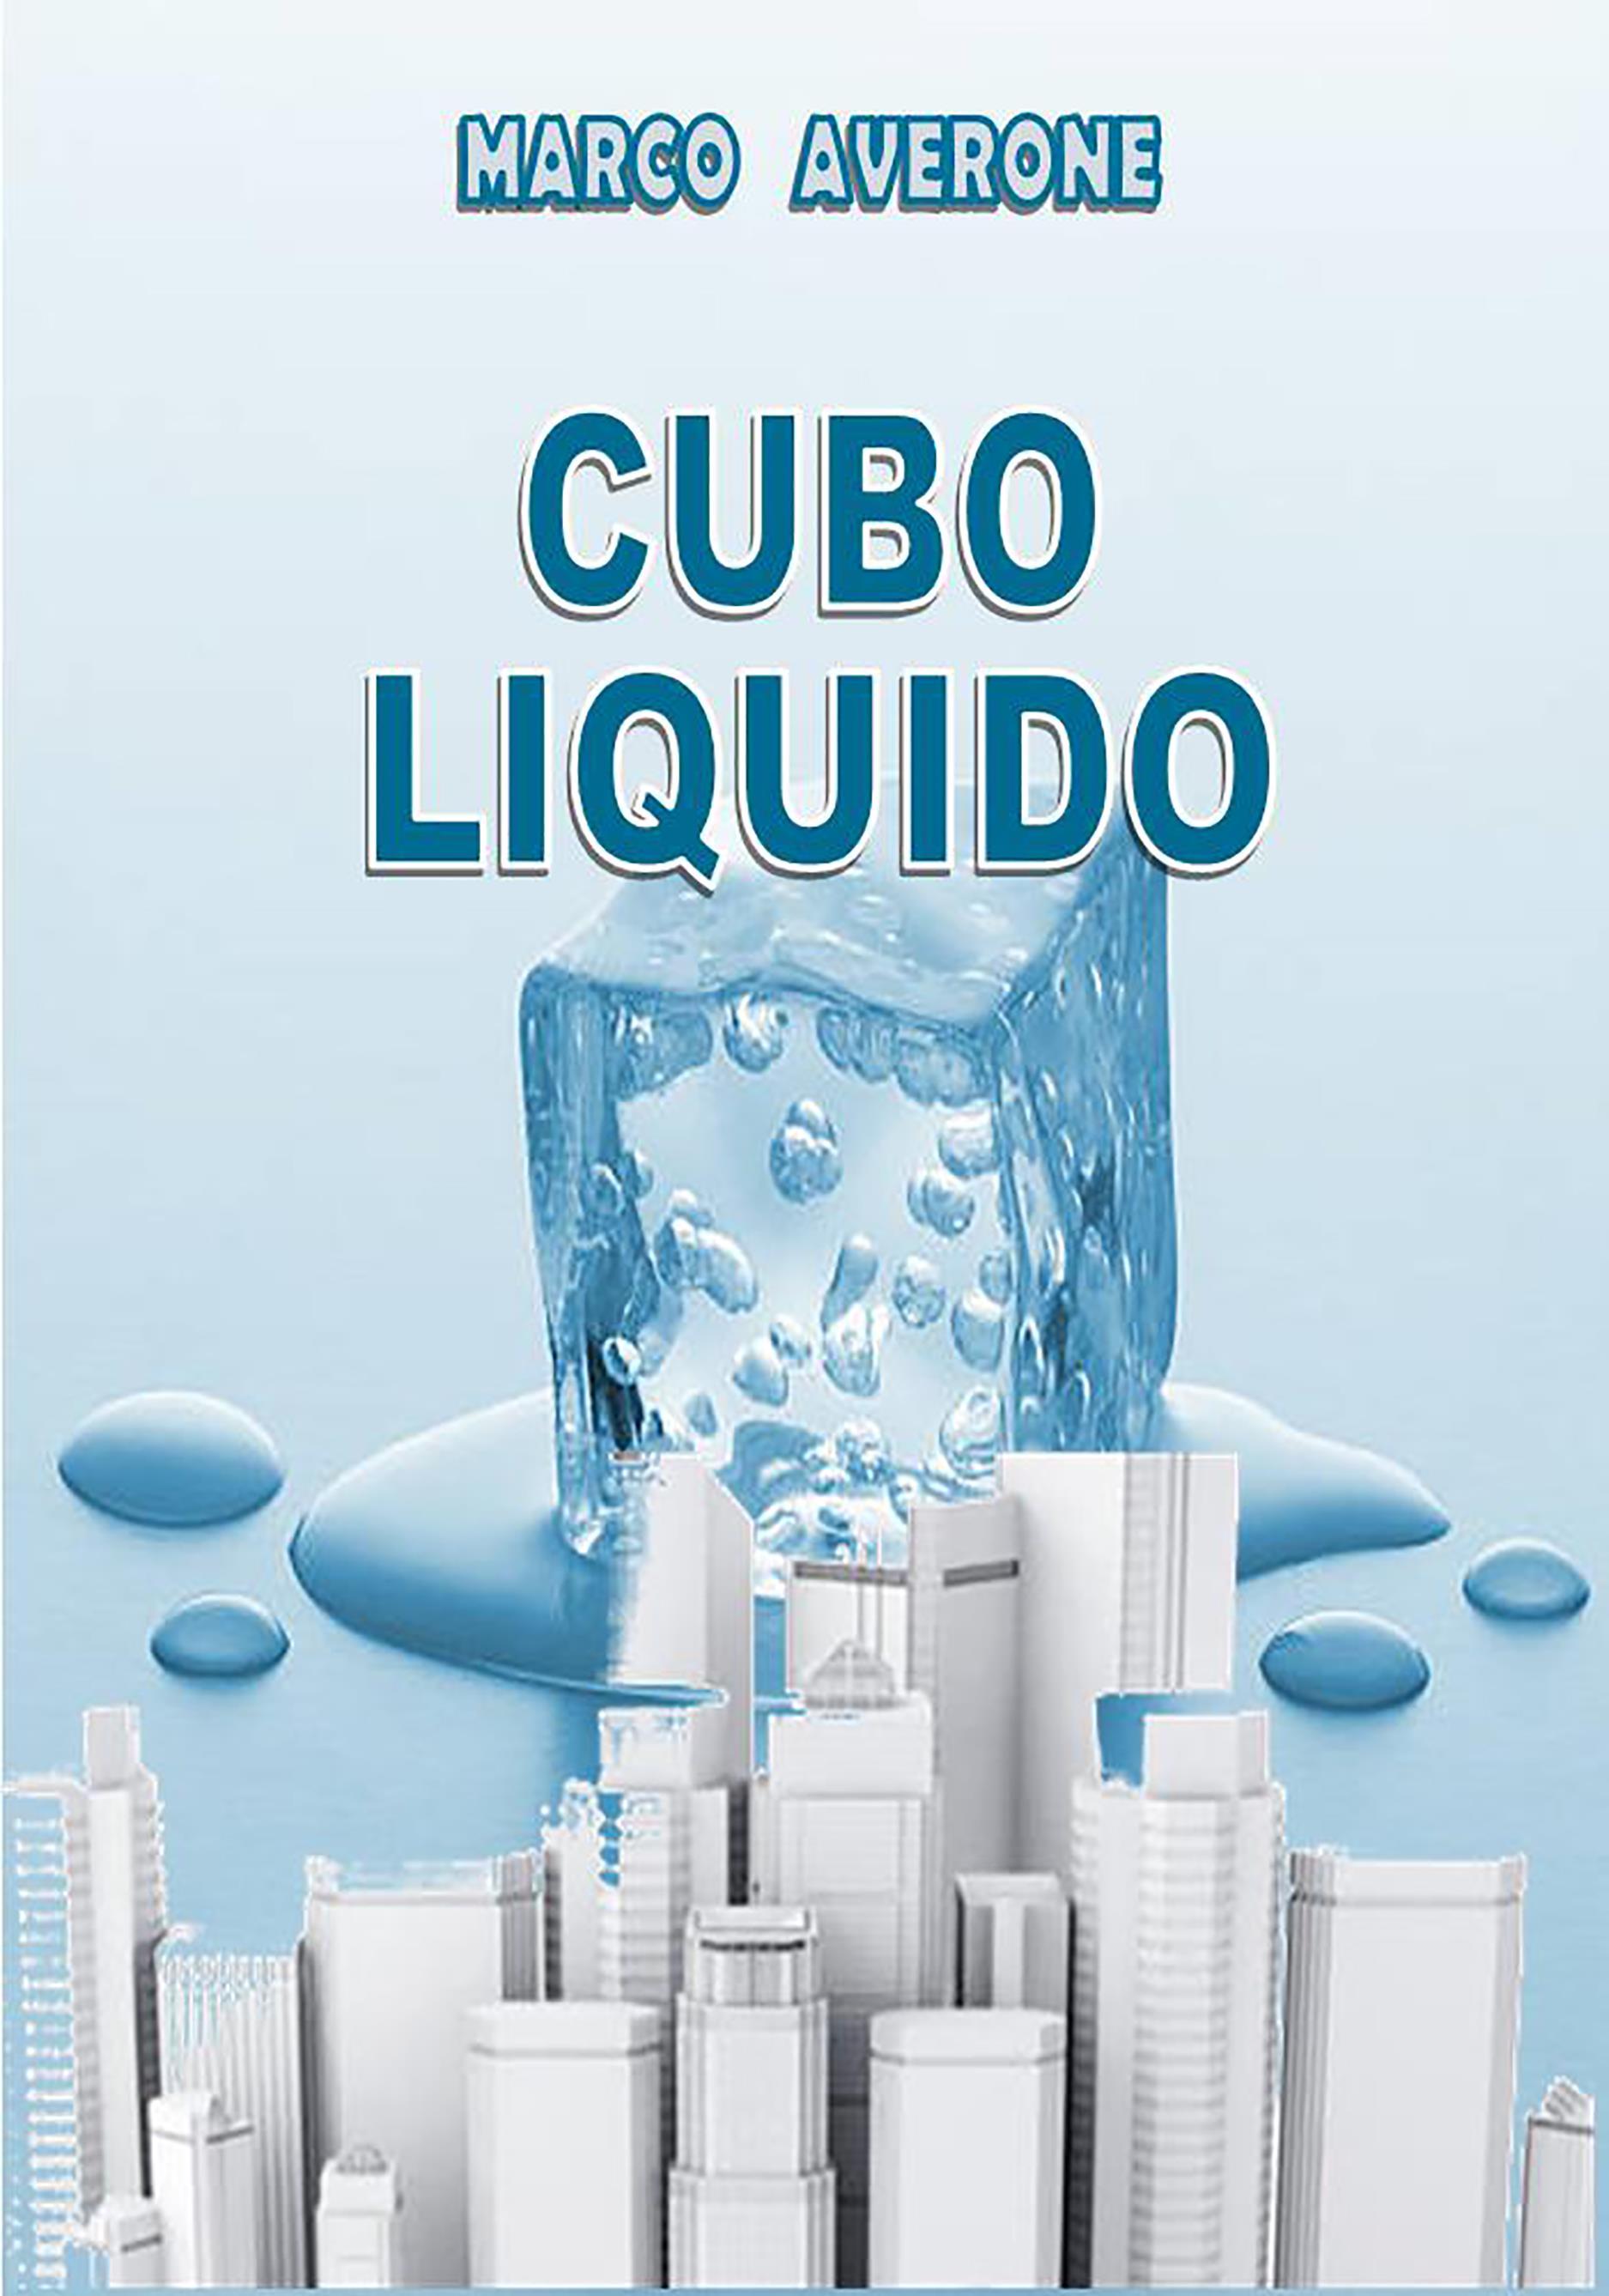 Cubo Liquido